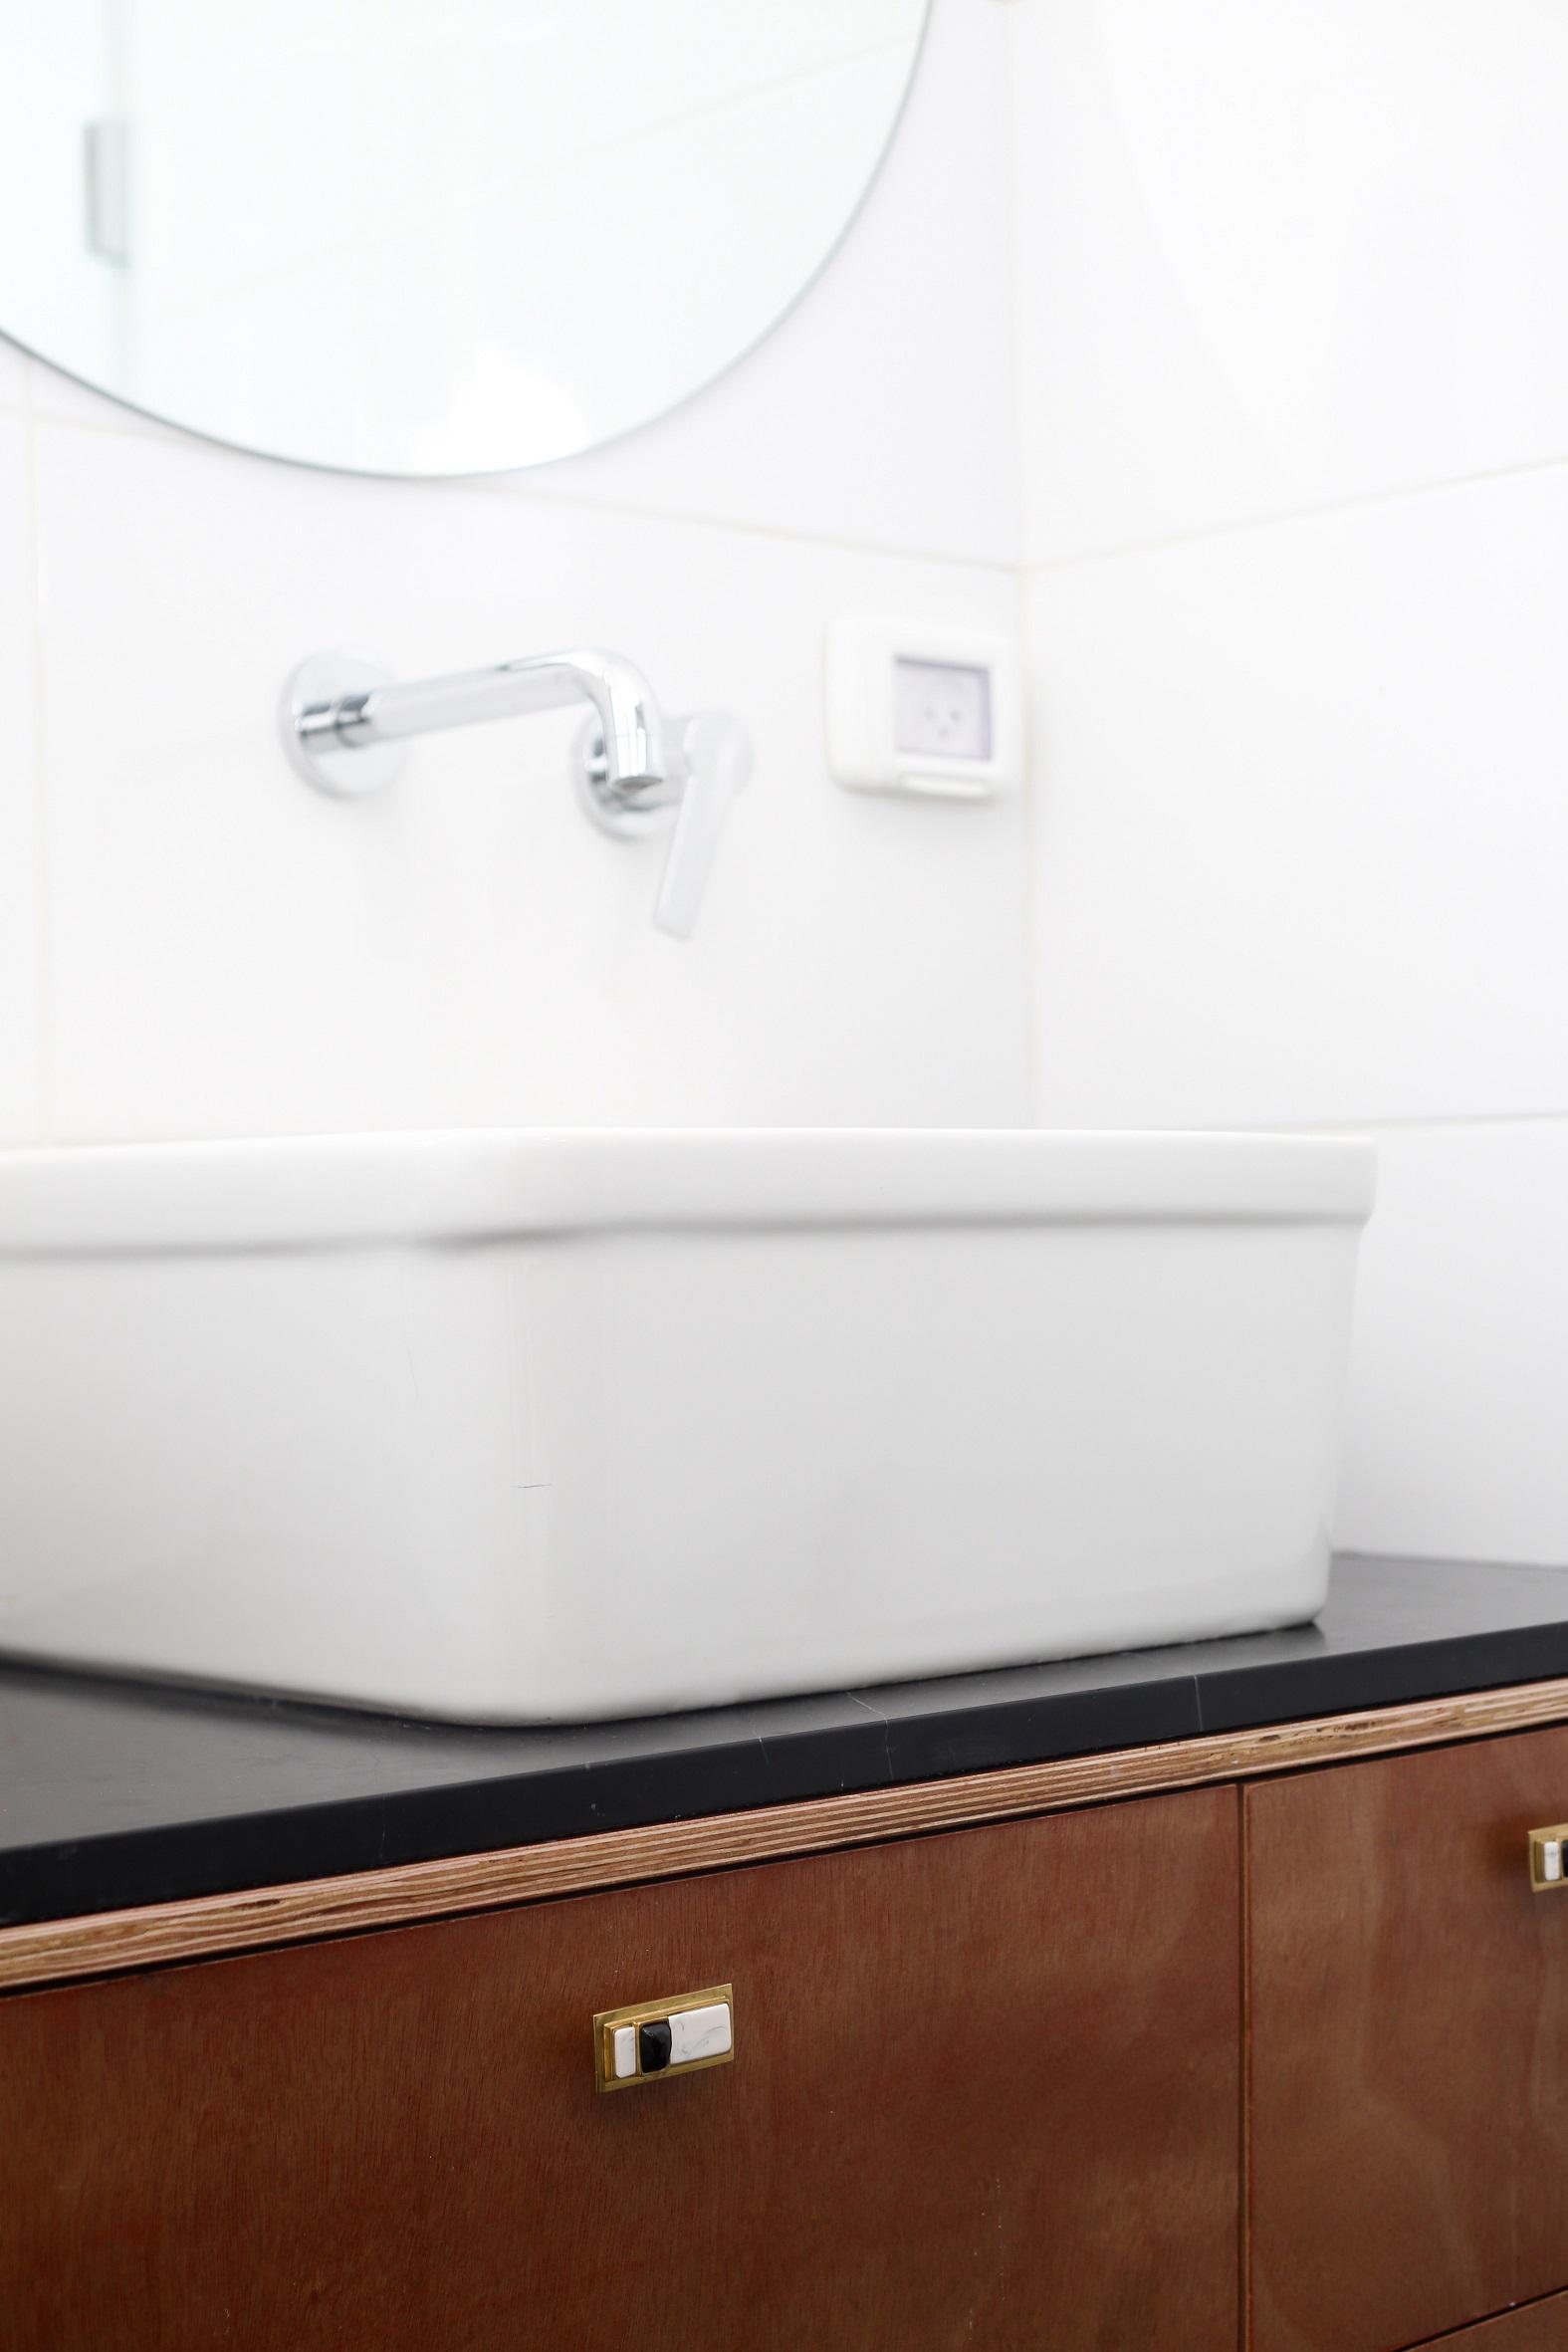 חדר רחצה - הפרטים הקטנים